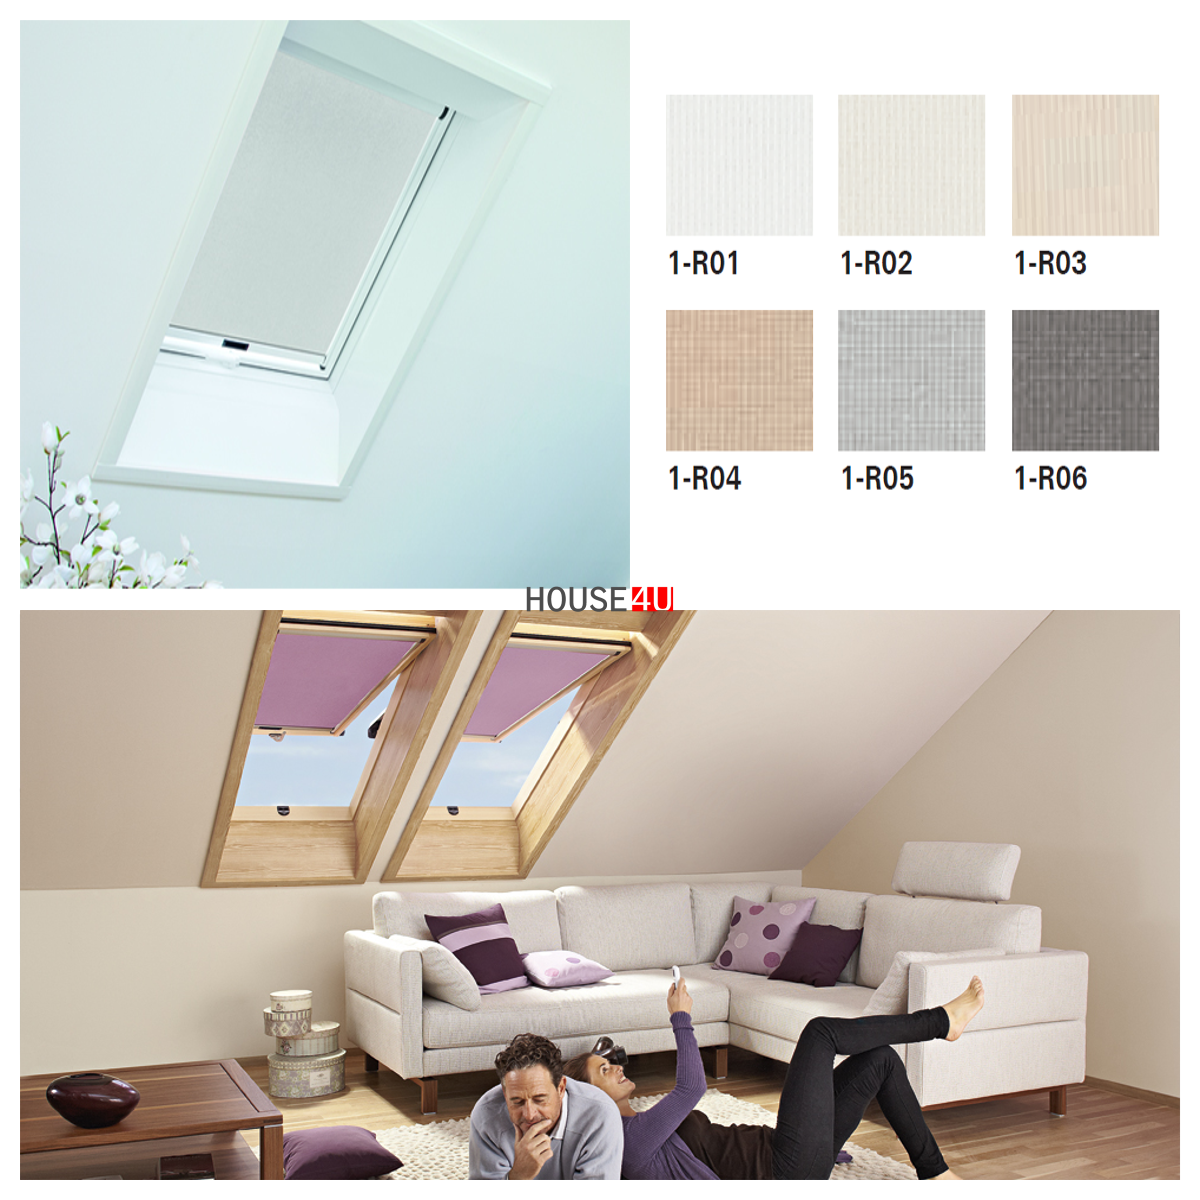 rollo roto exclusiv f r designo dachfenster r64 r69p r84. Black Bedroom Furniture Sets. Home Design Ideas